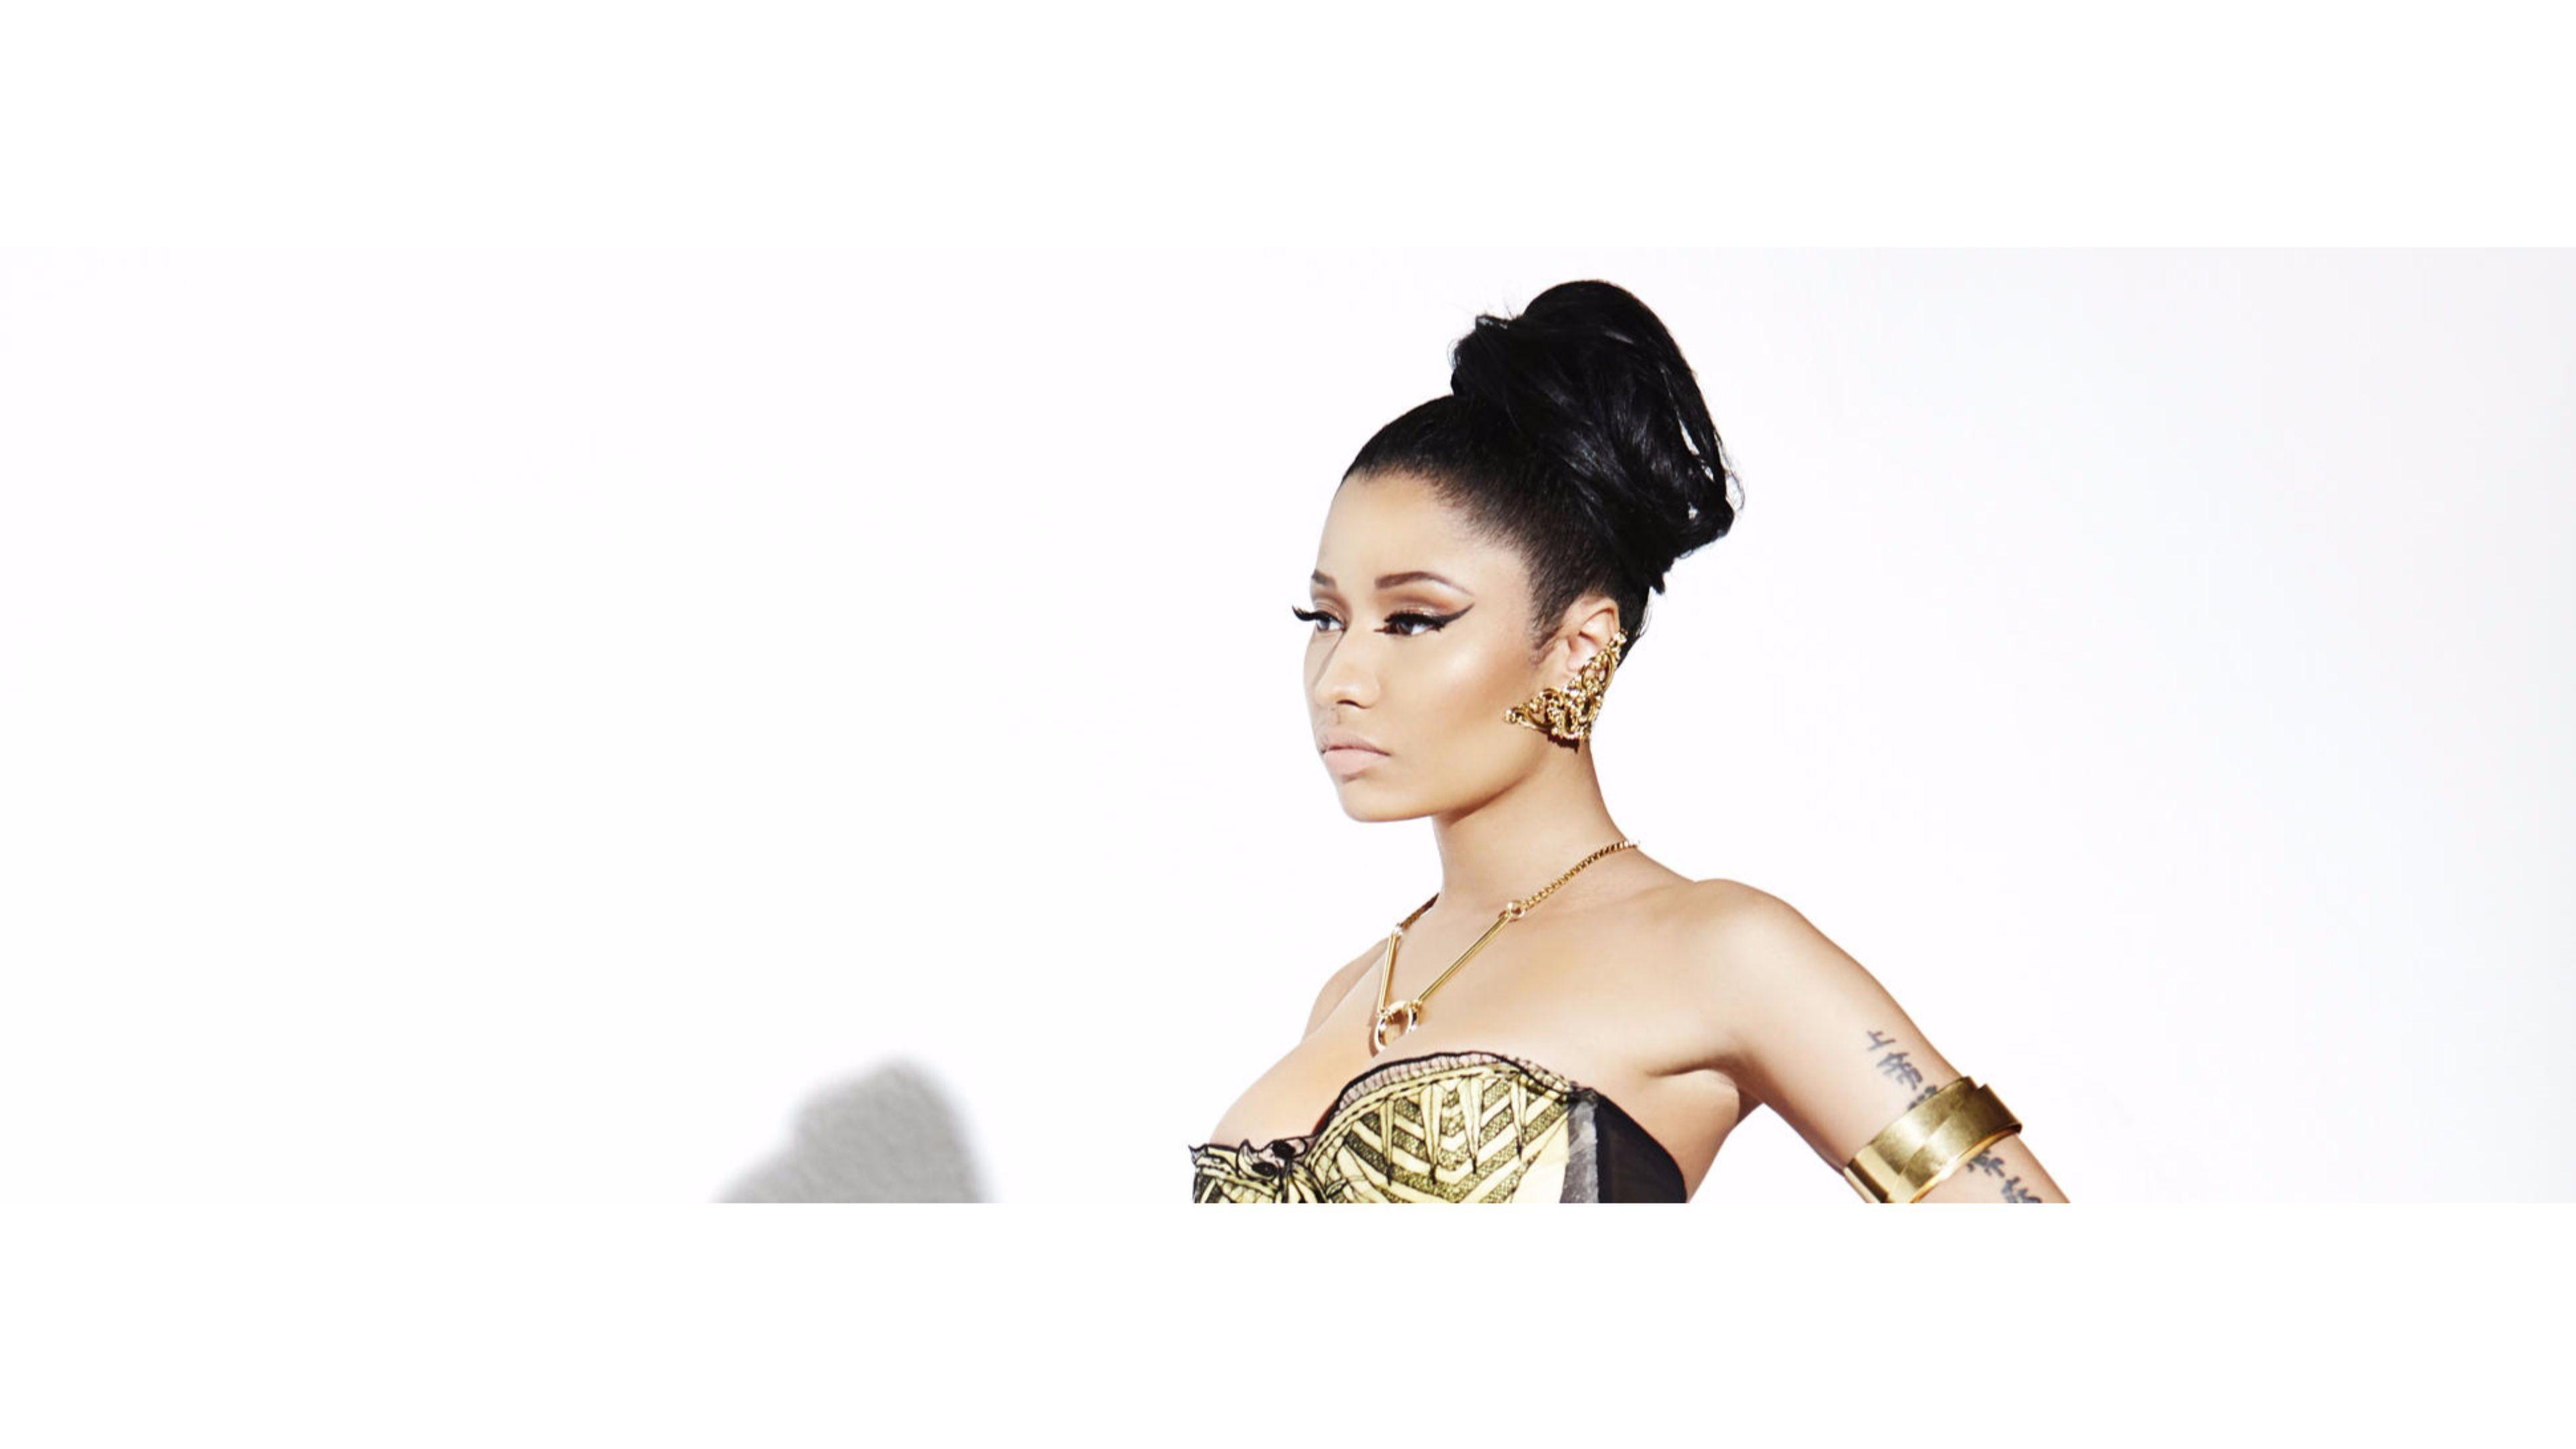 Nicki Minaj 2017 Wallpapers Top Free Nicki Minaj 2017